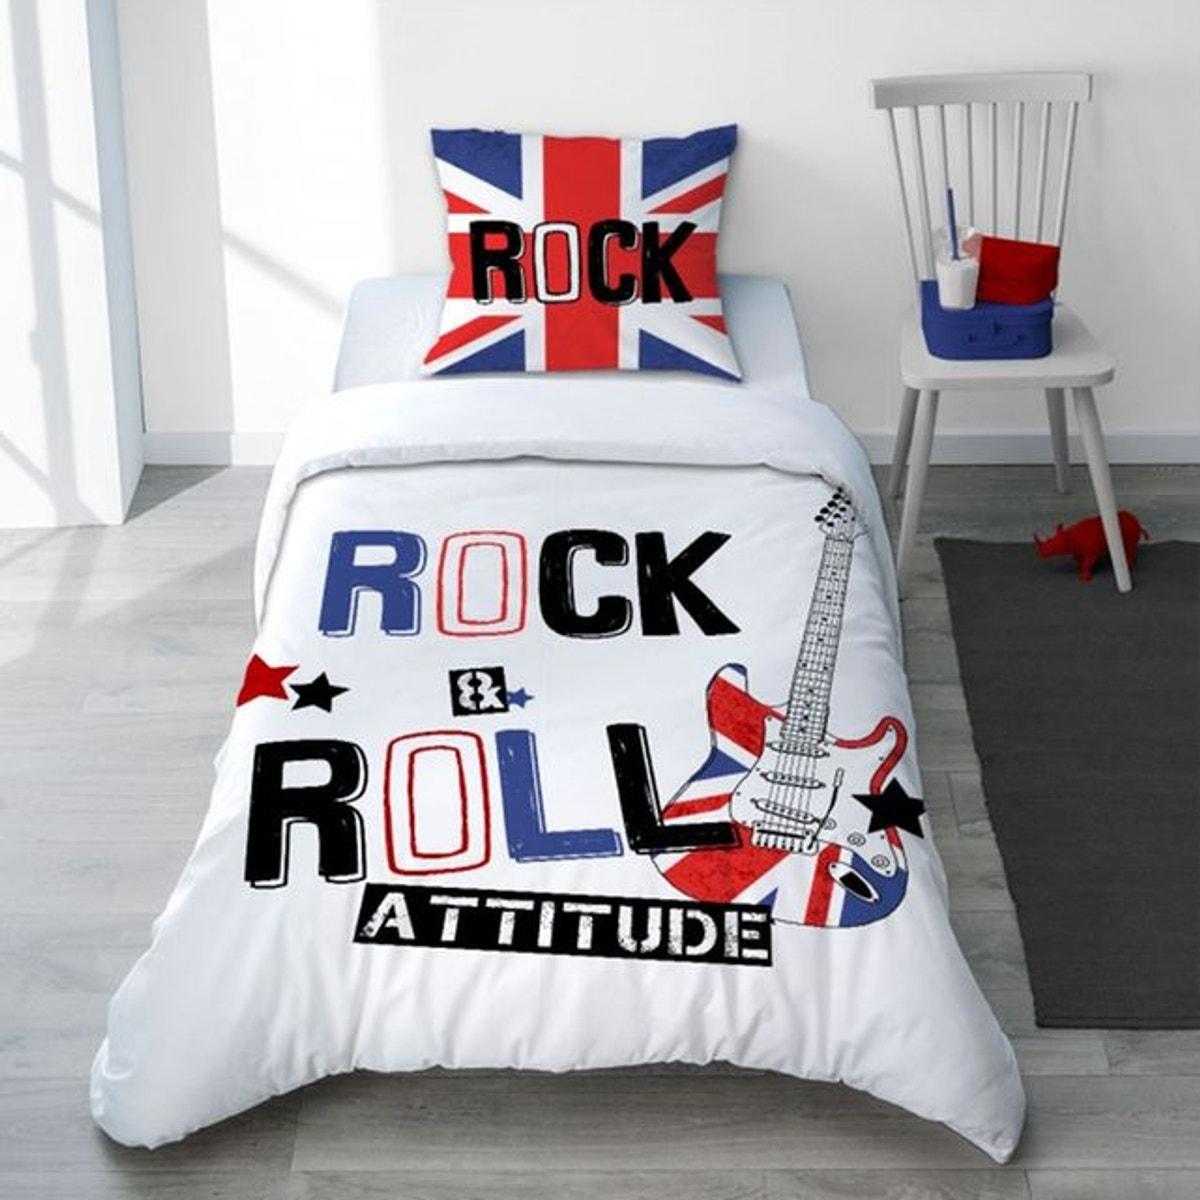 Parure Housse De Couette Musique London Rock Pour Chambre Ado London Rock Taille 240x220 Cm Chambre Ado Couleur Chambre Ado Deco Chambre Londres